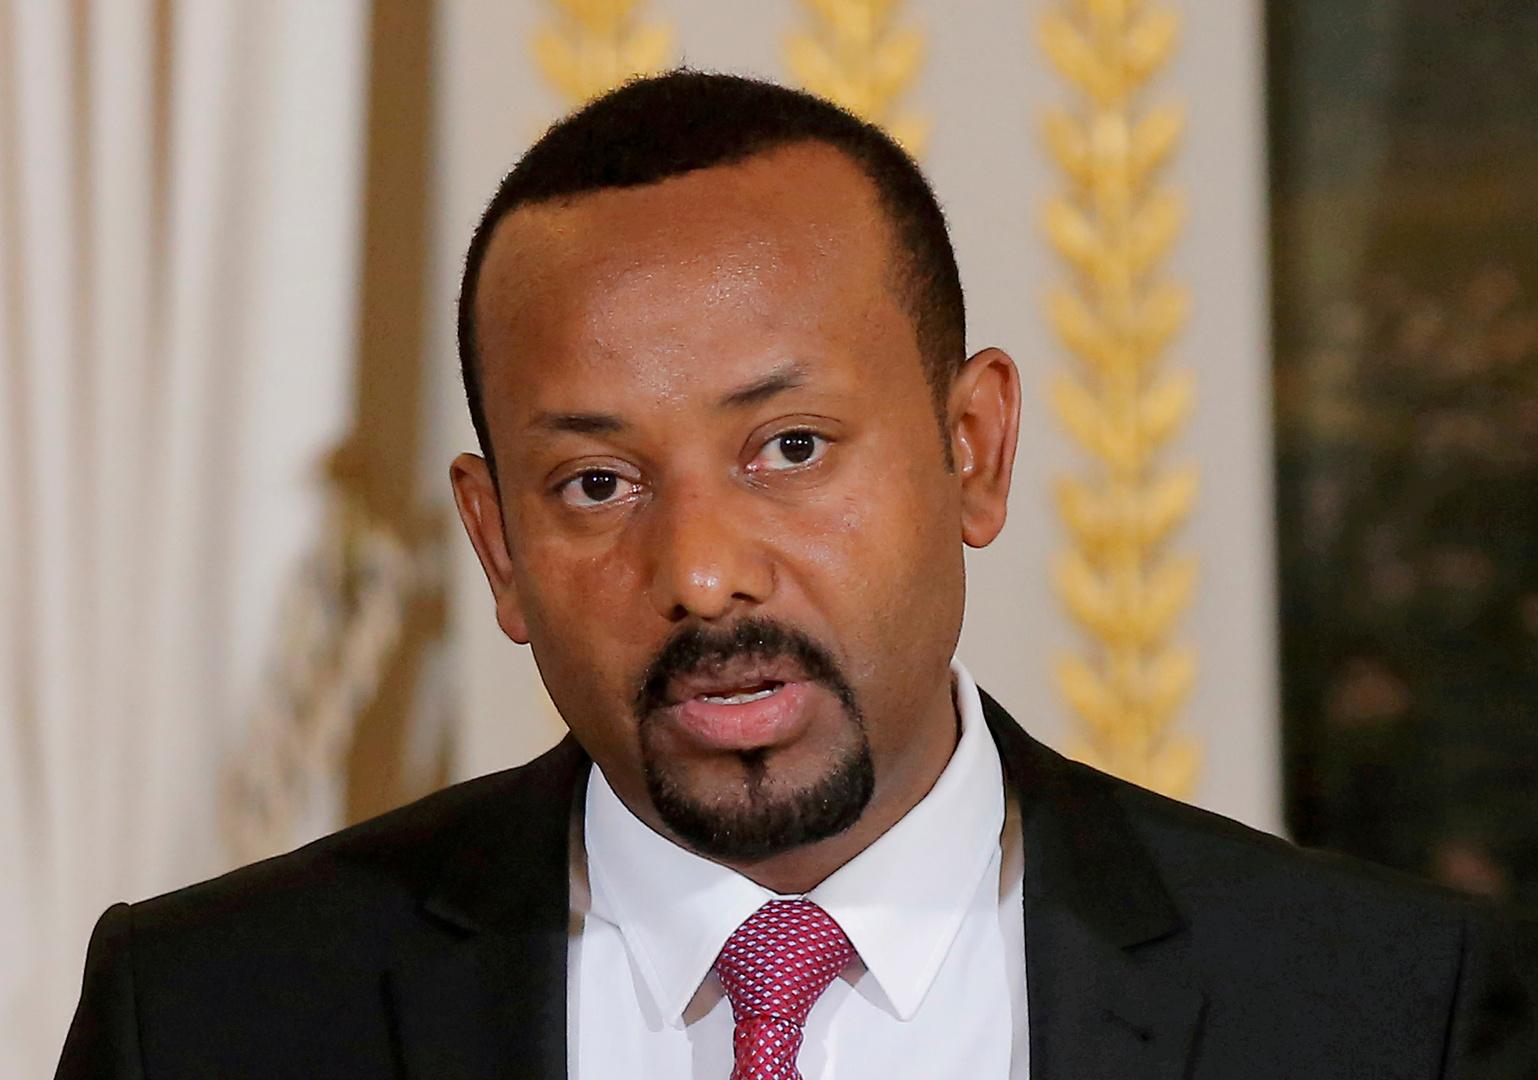 رئيس الوزراء الإثيوبي يأمر بشن هجوم نهائي على جبهة تيغراي